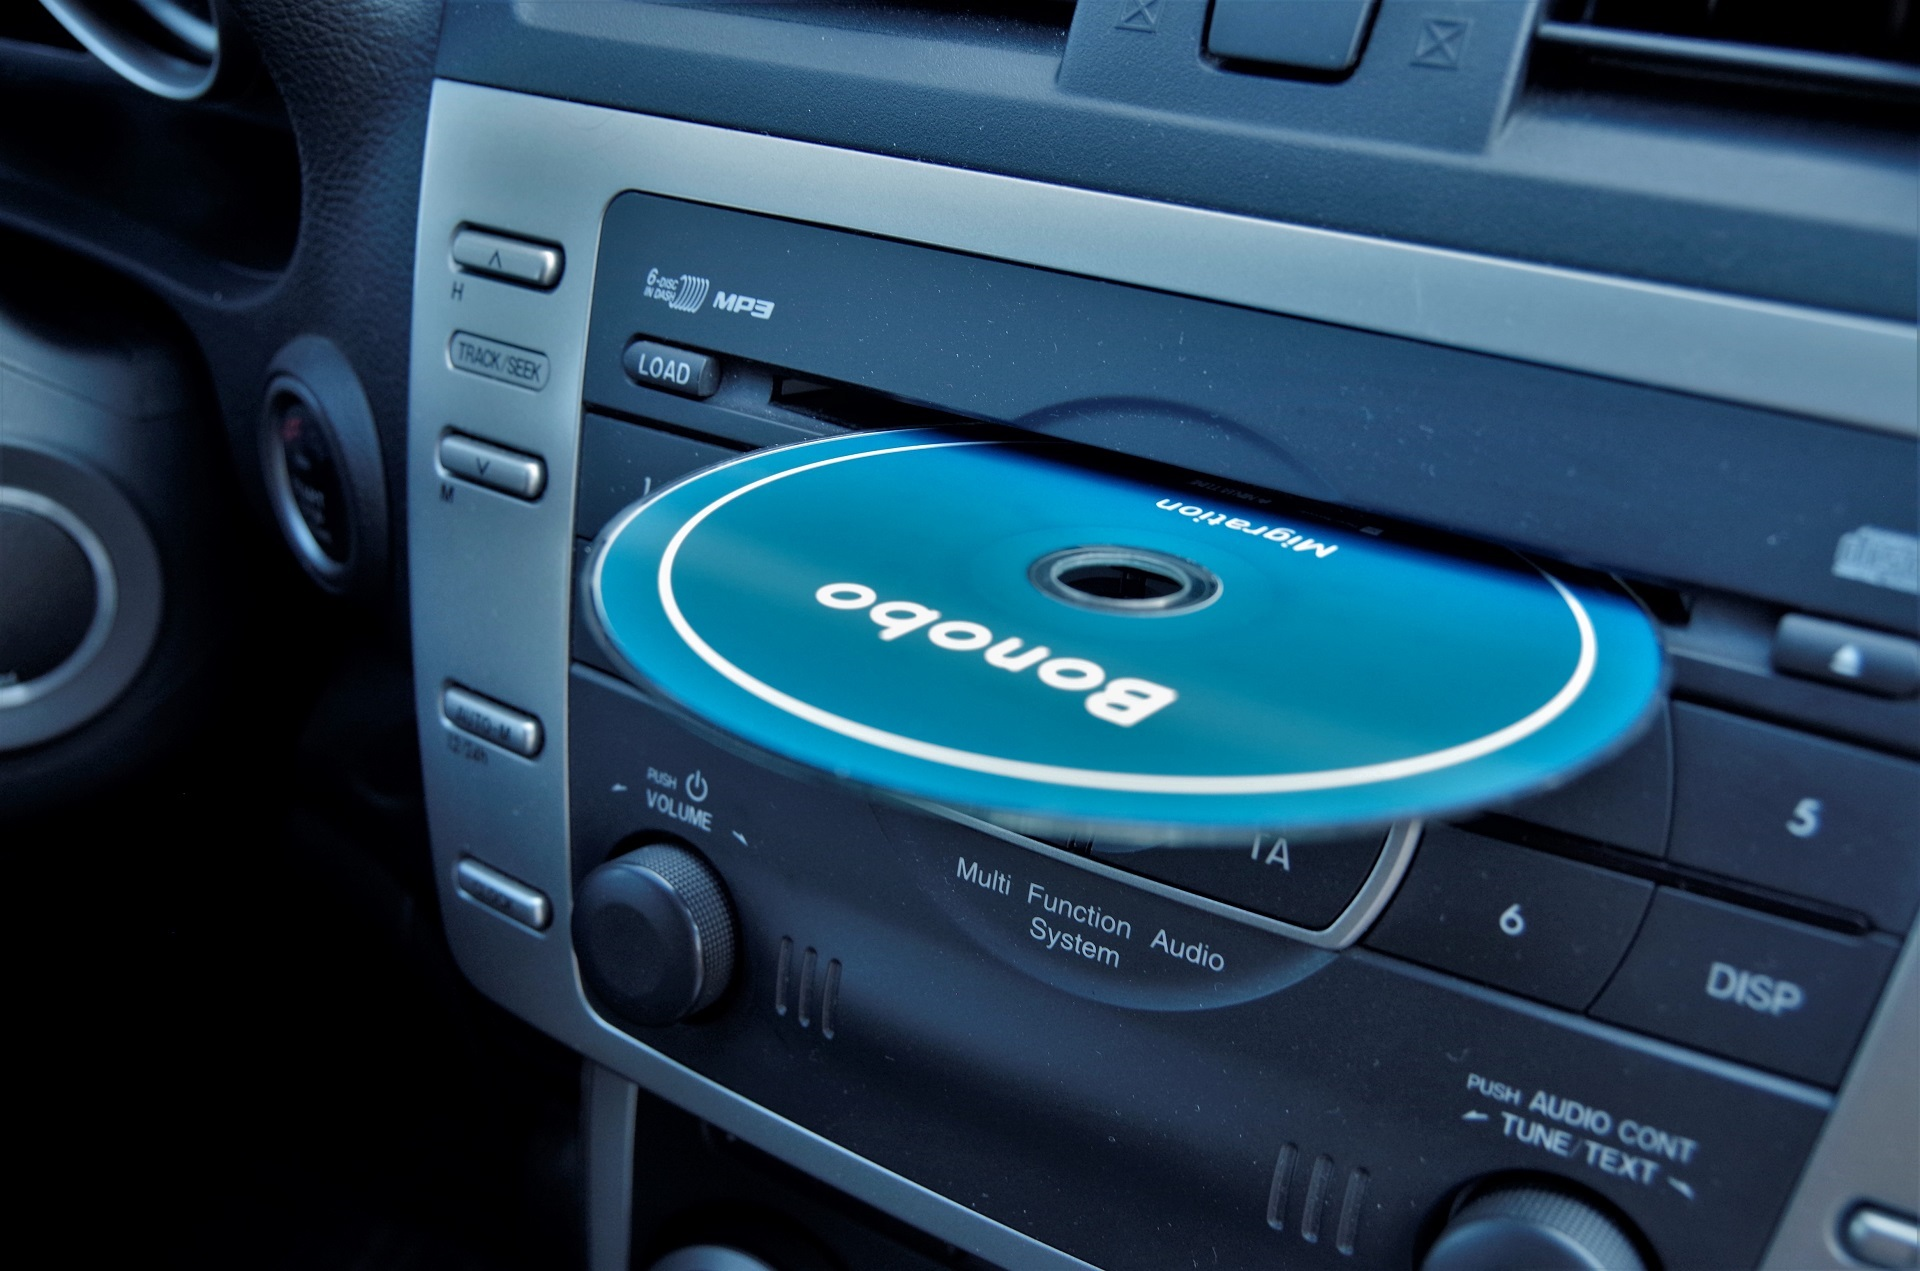 Muzyka słuchana z płyty CD na dobrej jakości sprzęcie to jest to!